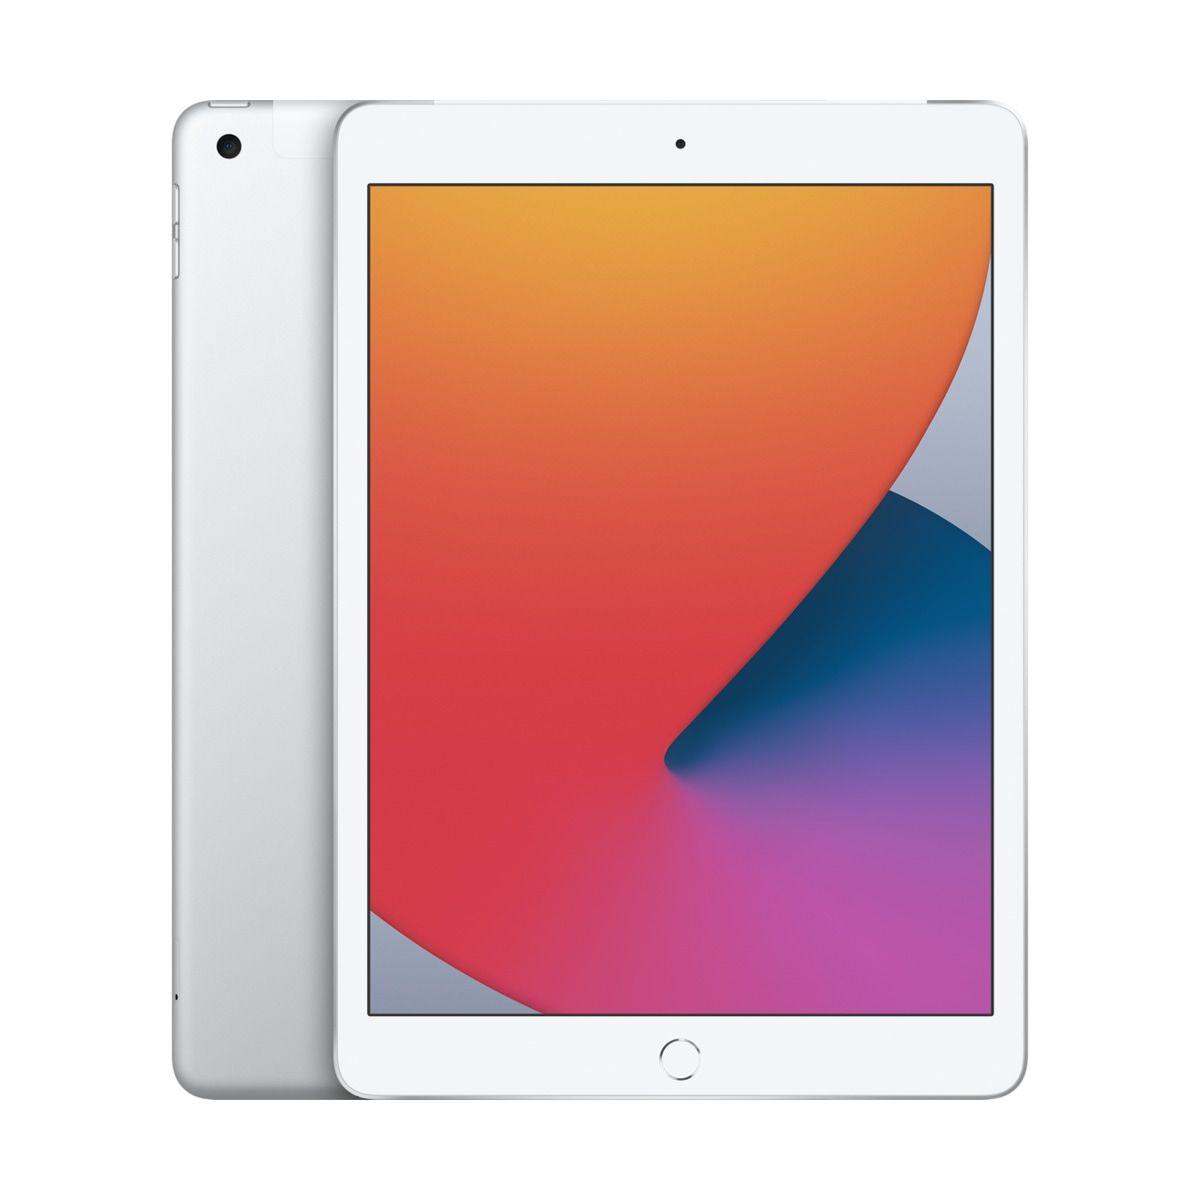 Apple iPad Wi-Fi+Cell 32GB - Silver - MYMJ2FD/A